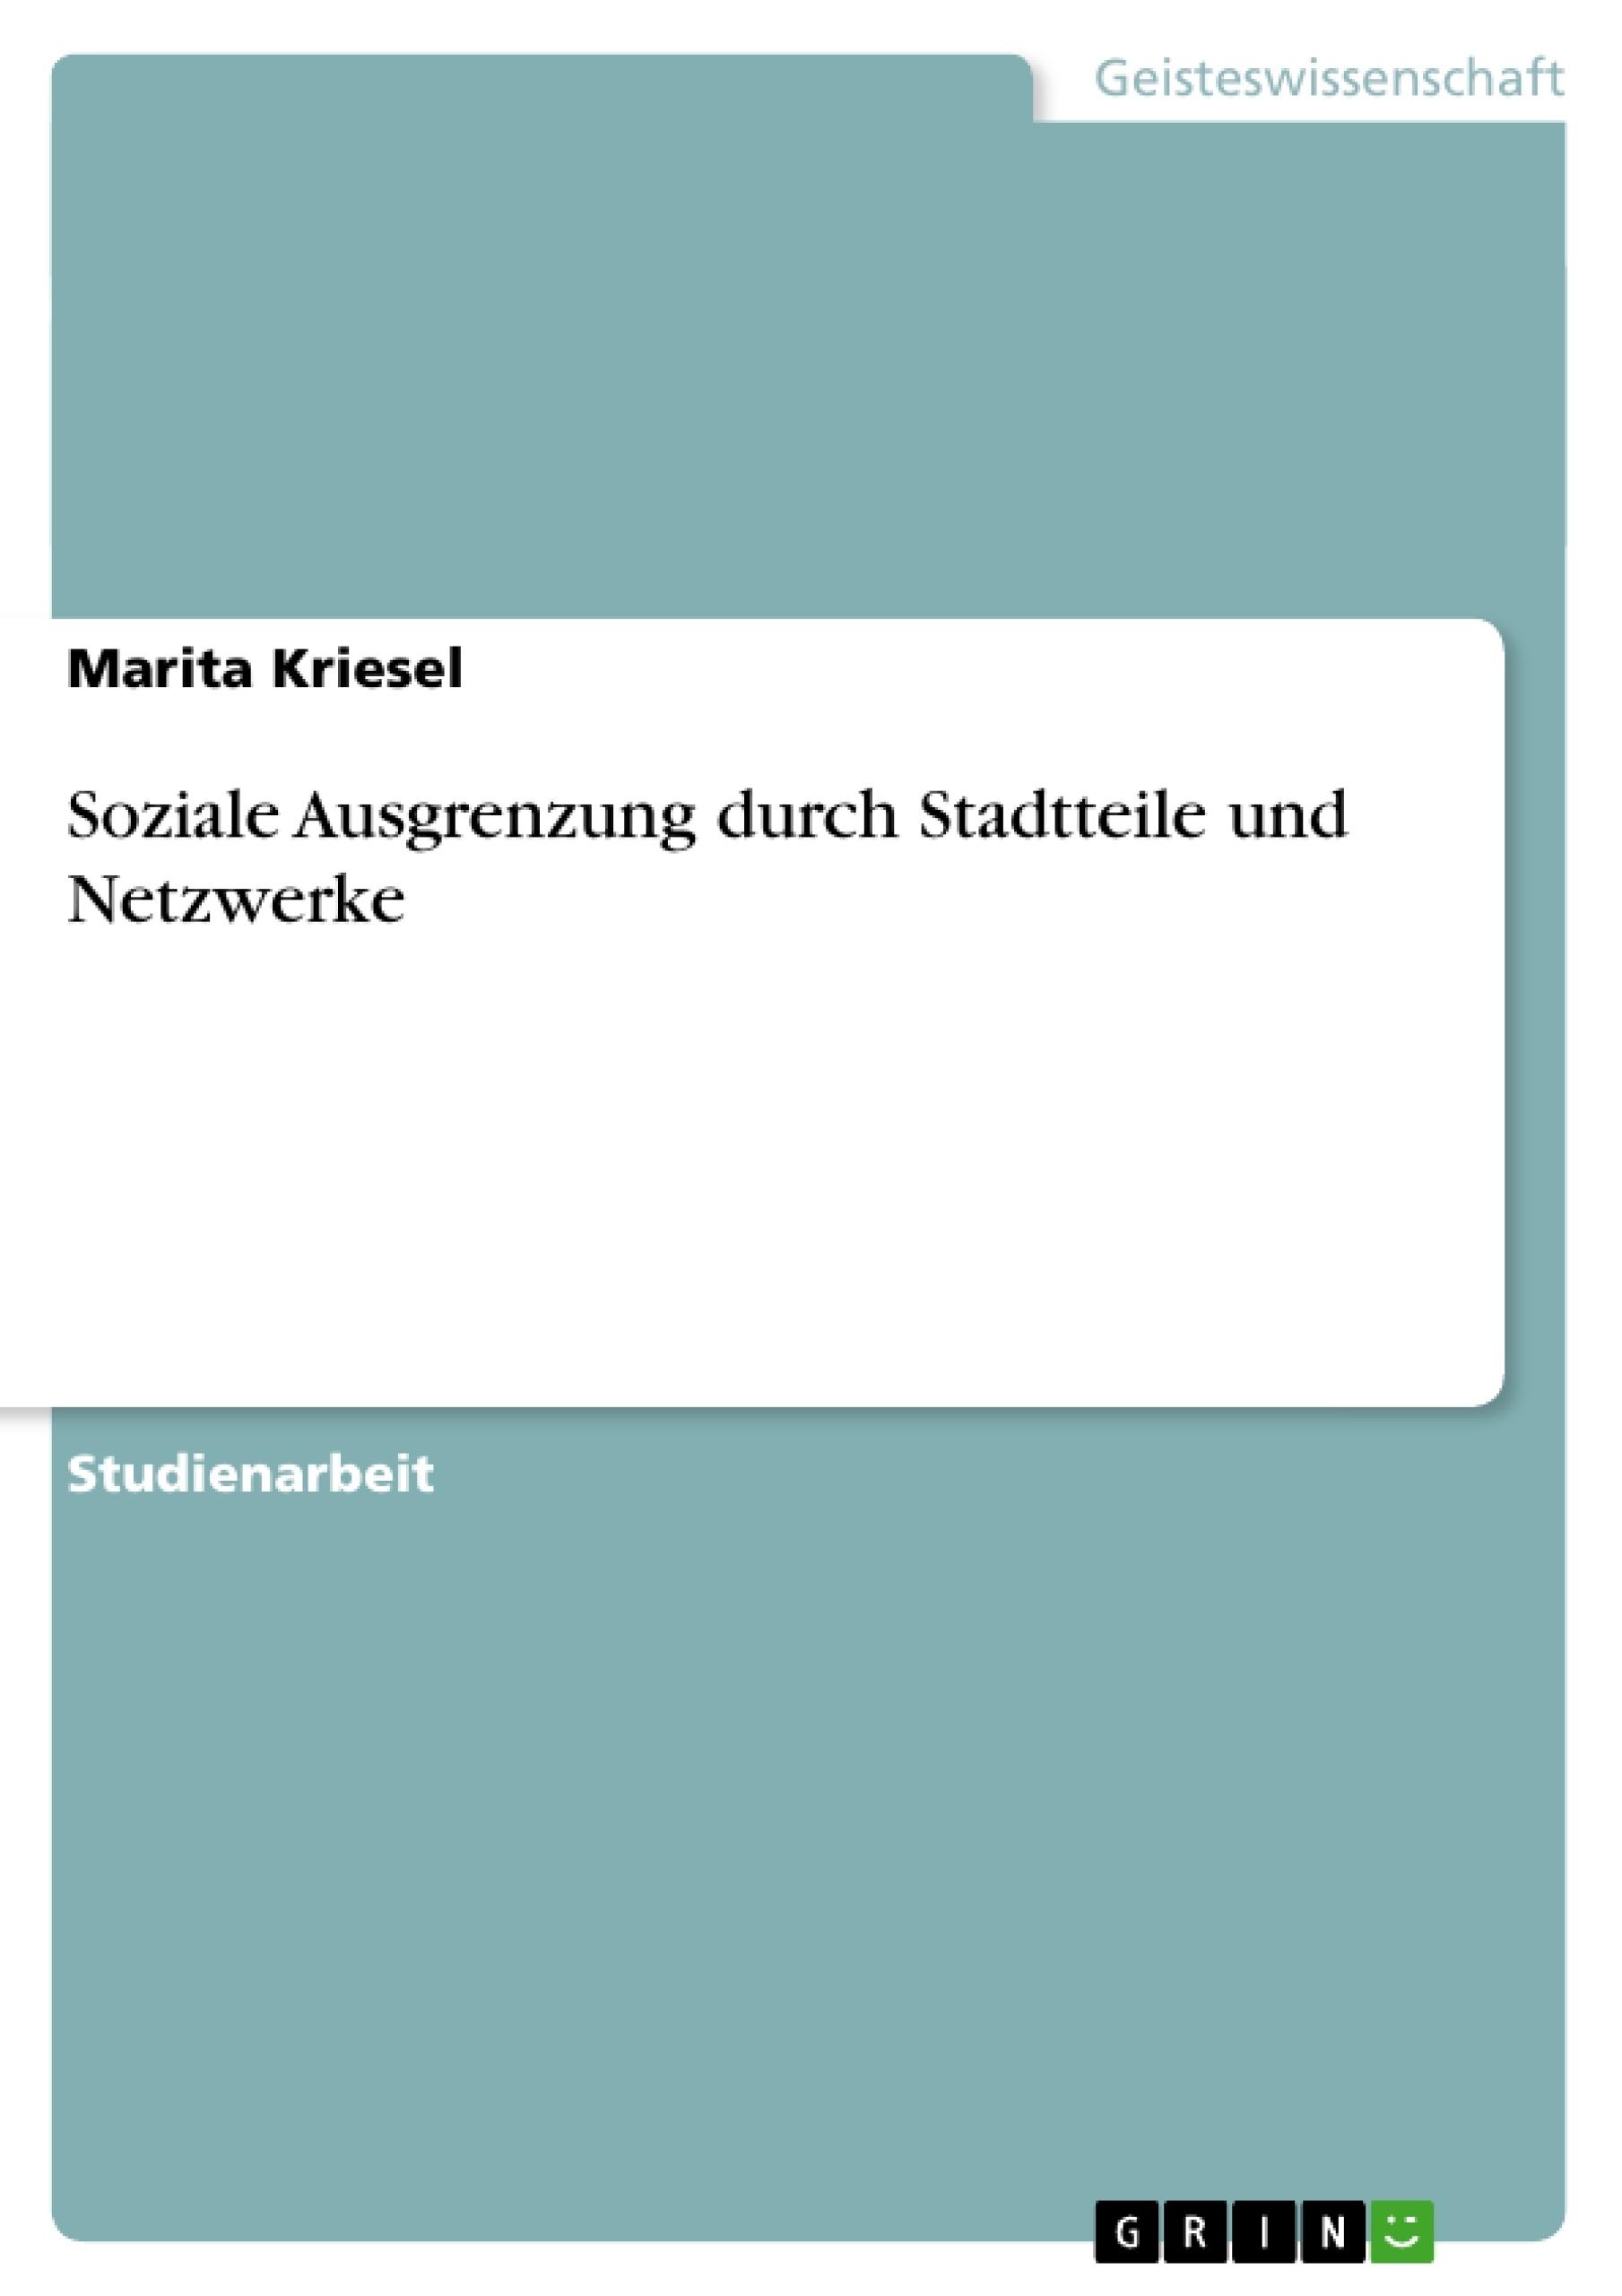 Titel: Soziale Ausgrenzung durch Stadtteile und Netzwerke